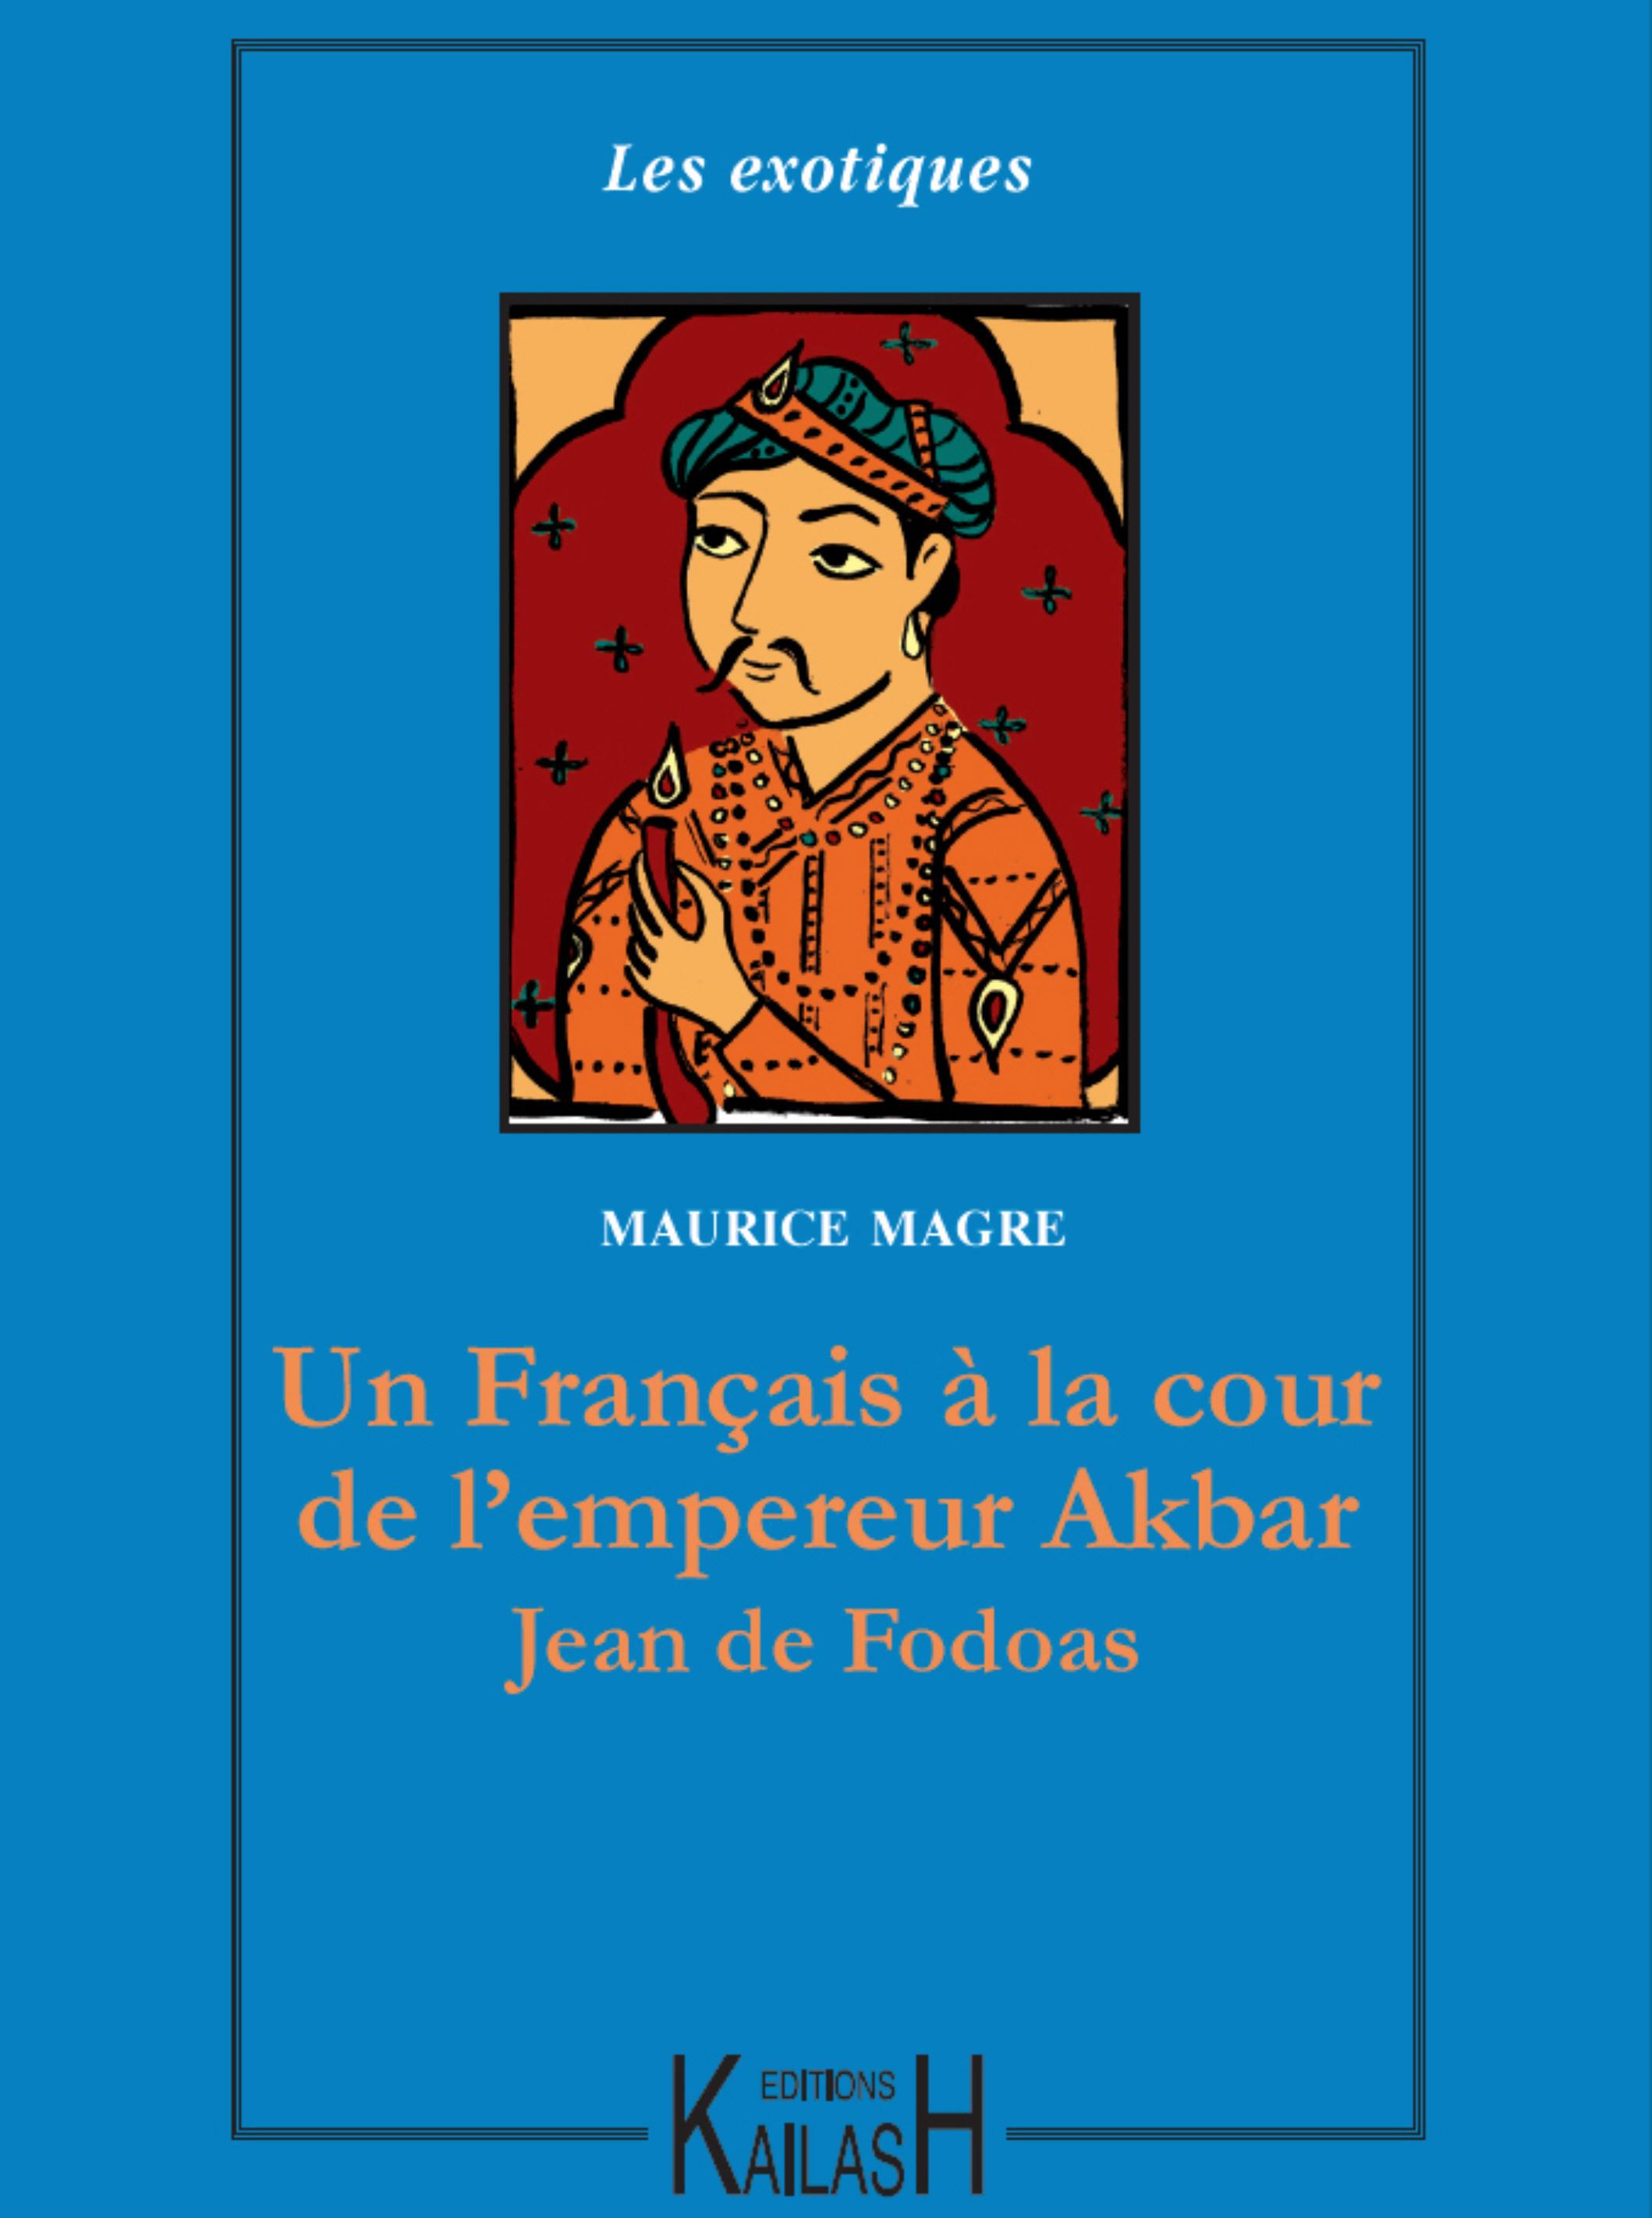 Un Français à la cour de l´empereur Akbar : Jean de Fodoas